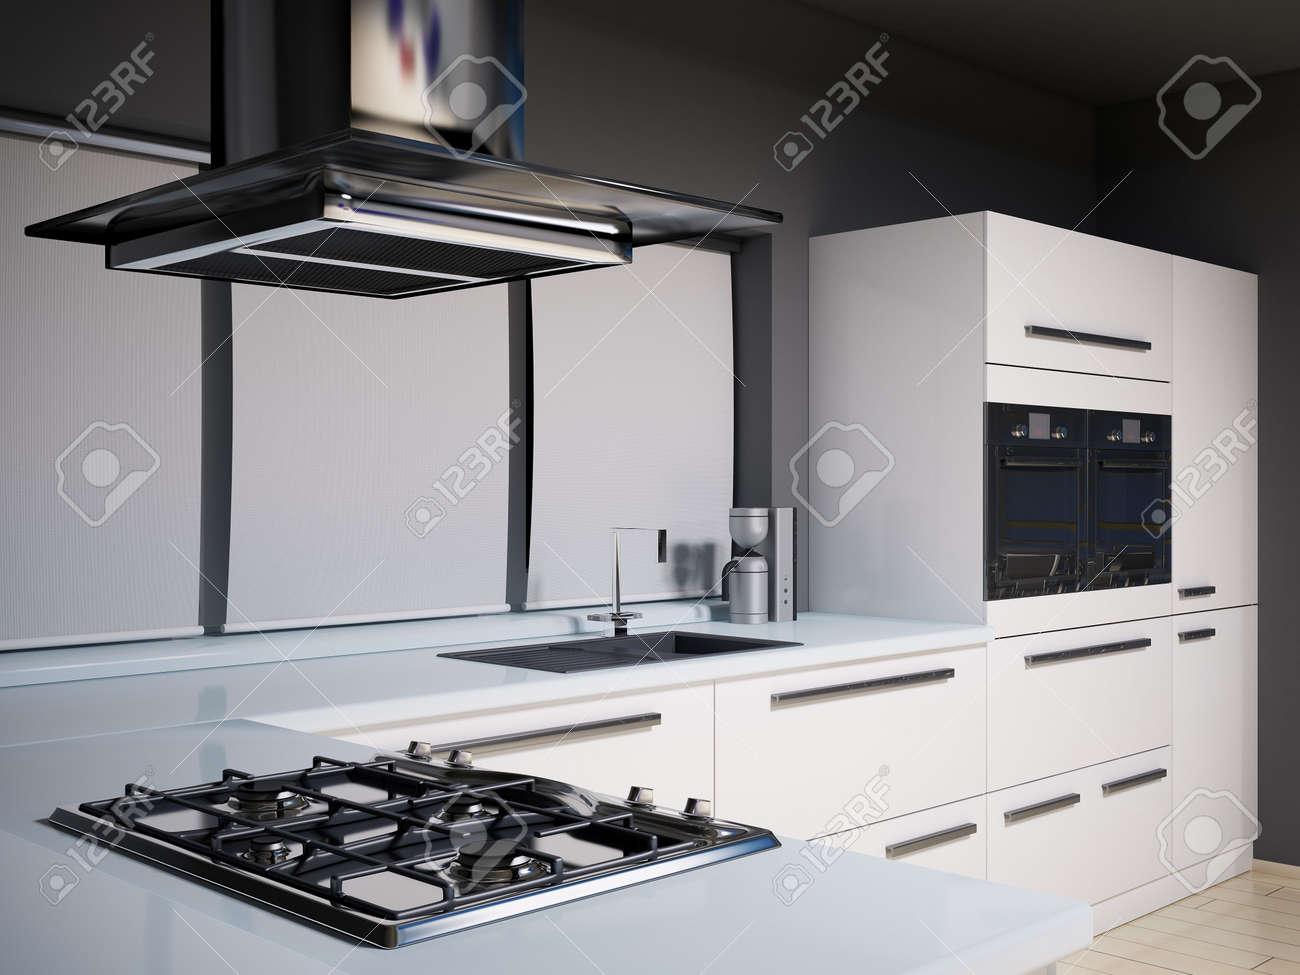 Der Moderne Küche Mit Gasherd Interior 3d Render Lizenzfreie Fotos ...